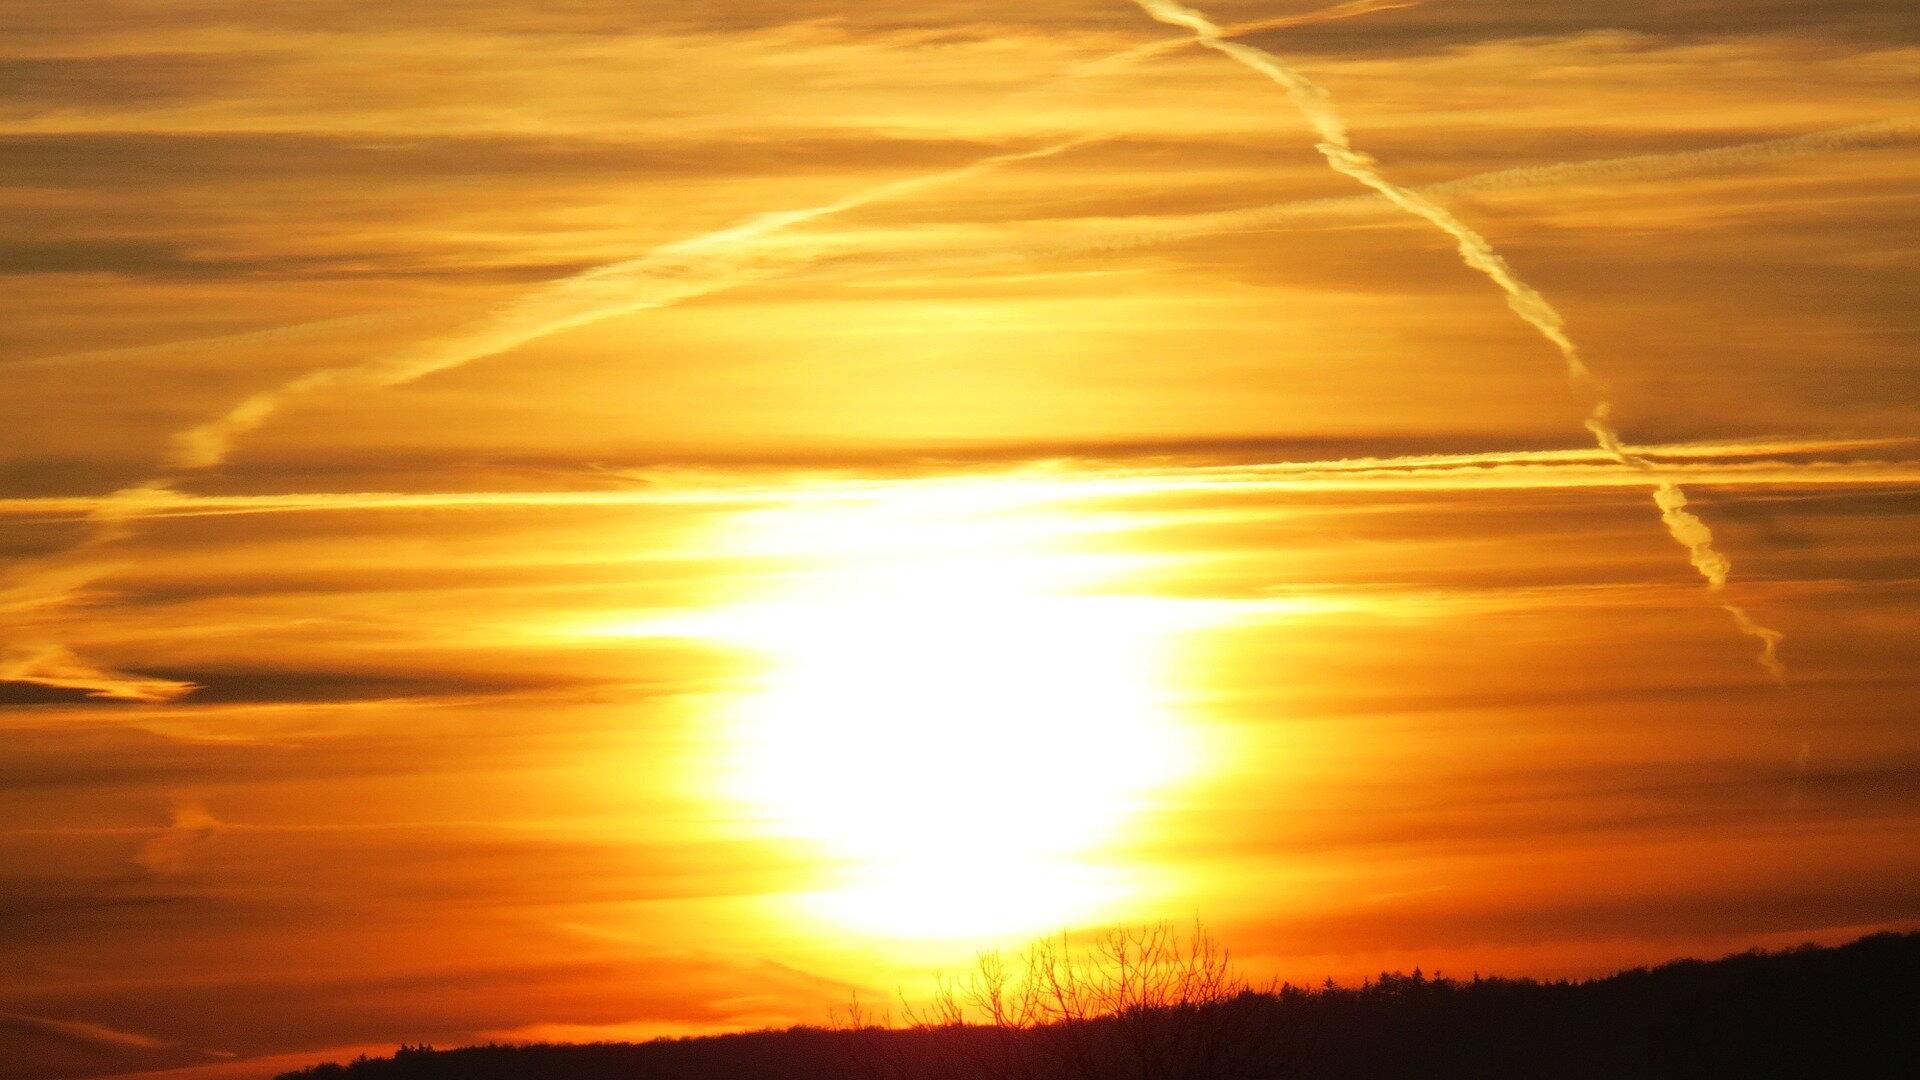 Распыление диоксида серы в атмосфере поможет справиться с глобальным потеплением?